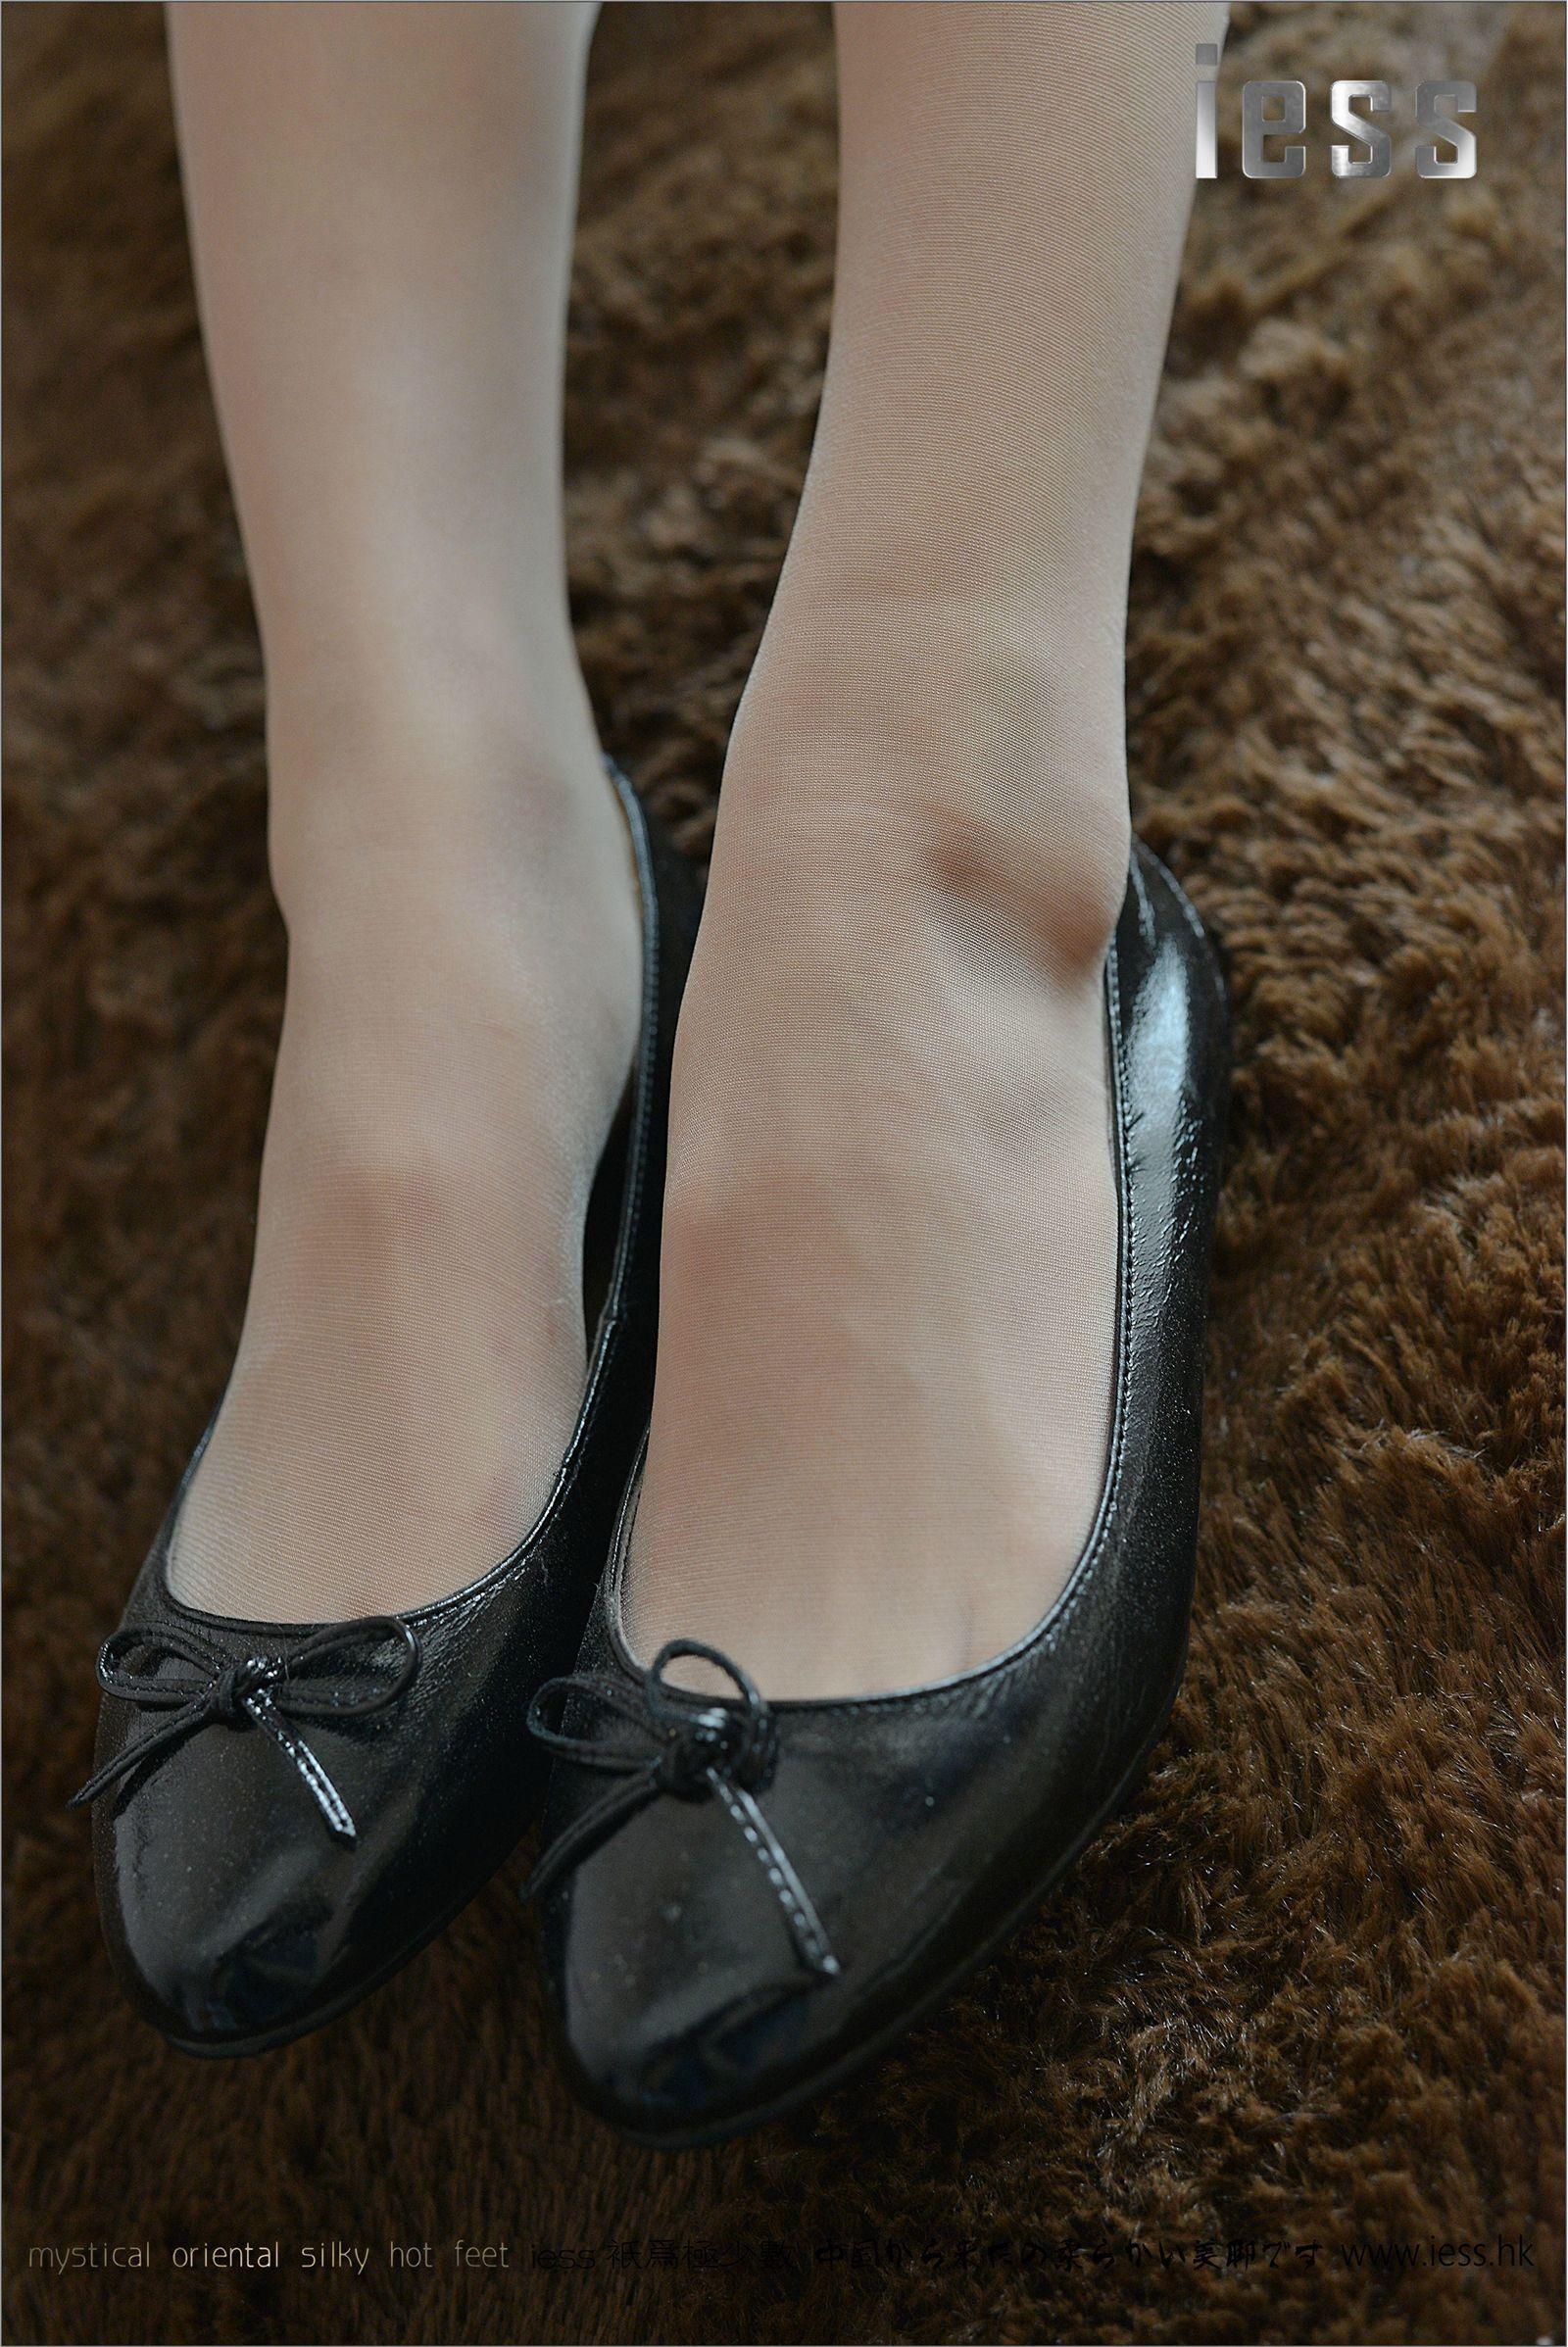 [异思趣向] 潇潇 女神演绎ES6和平底鞋[99P] 异思趣向 第1张